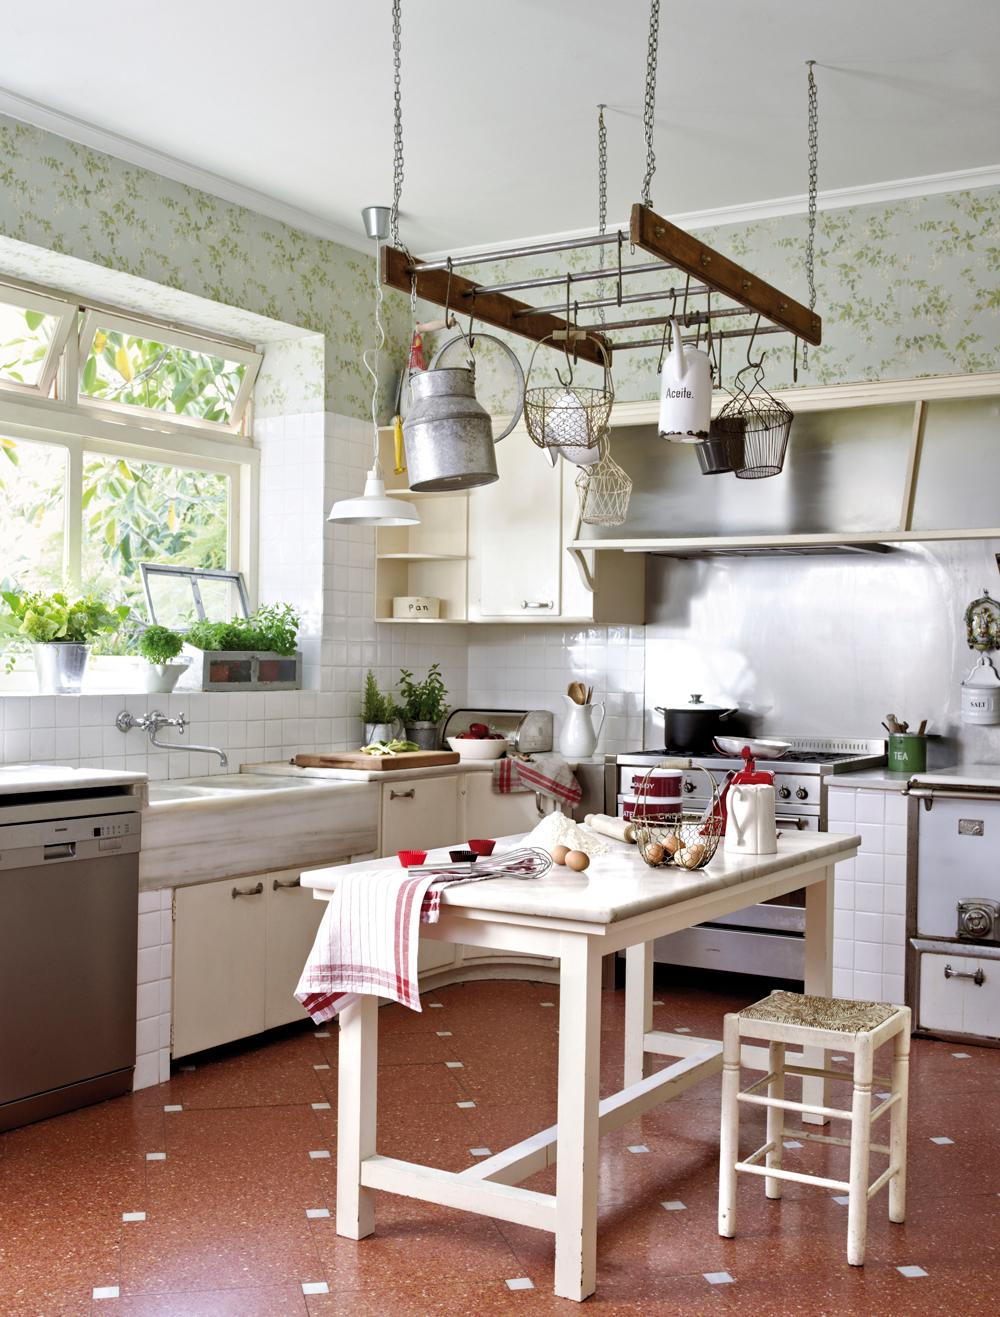 Muebles y complementos que se cuelgan - Mesa de cocina rustica ...